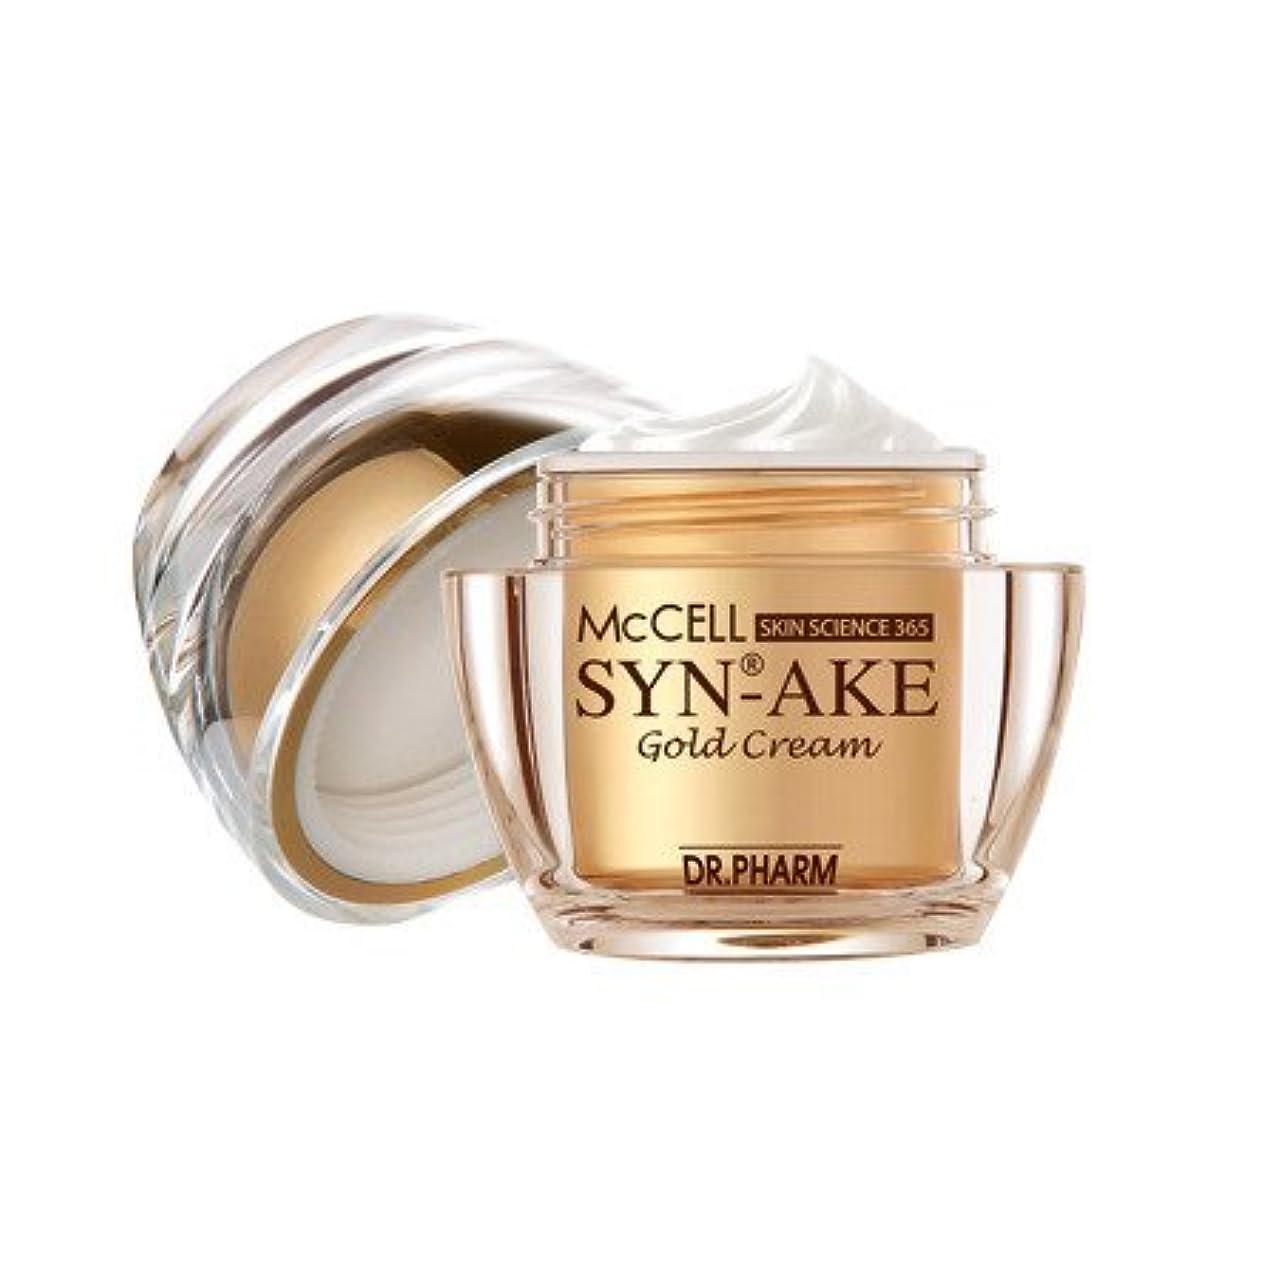 ベッドを作るやがてハックDr.Pharm マクセルスキンサイエンス365シネイクゴールドクリーム McCELL Synake gold cream